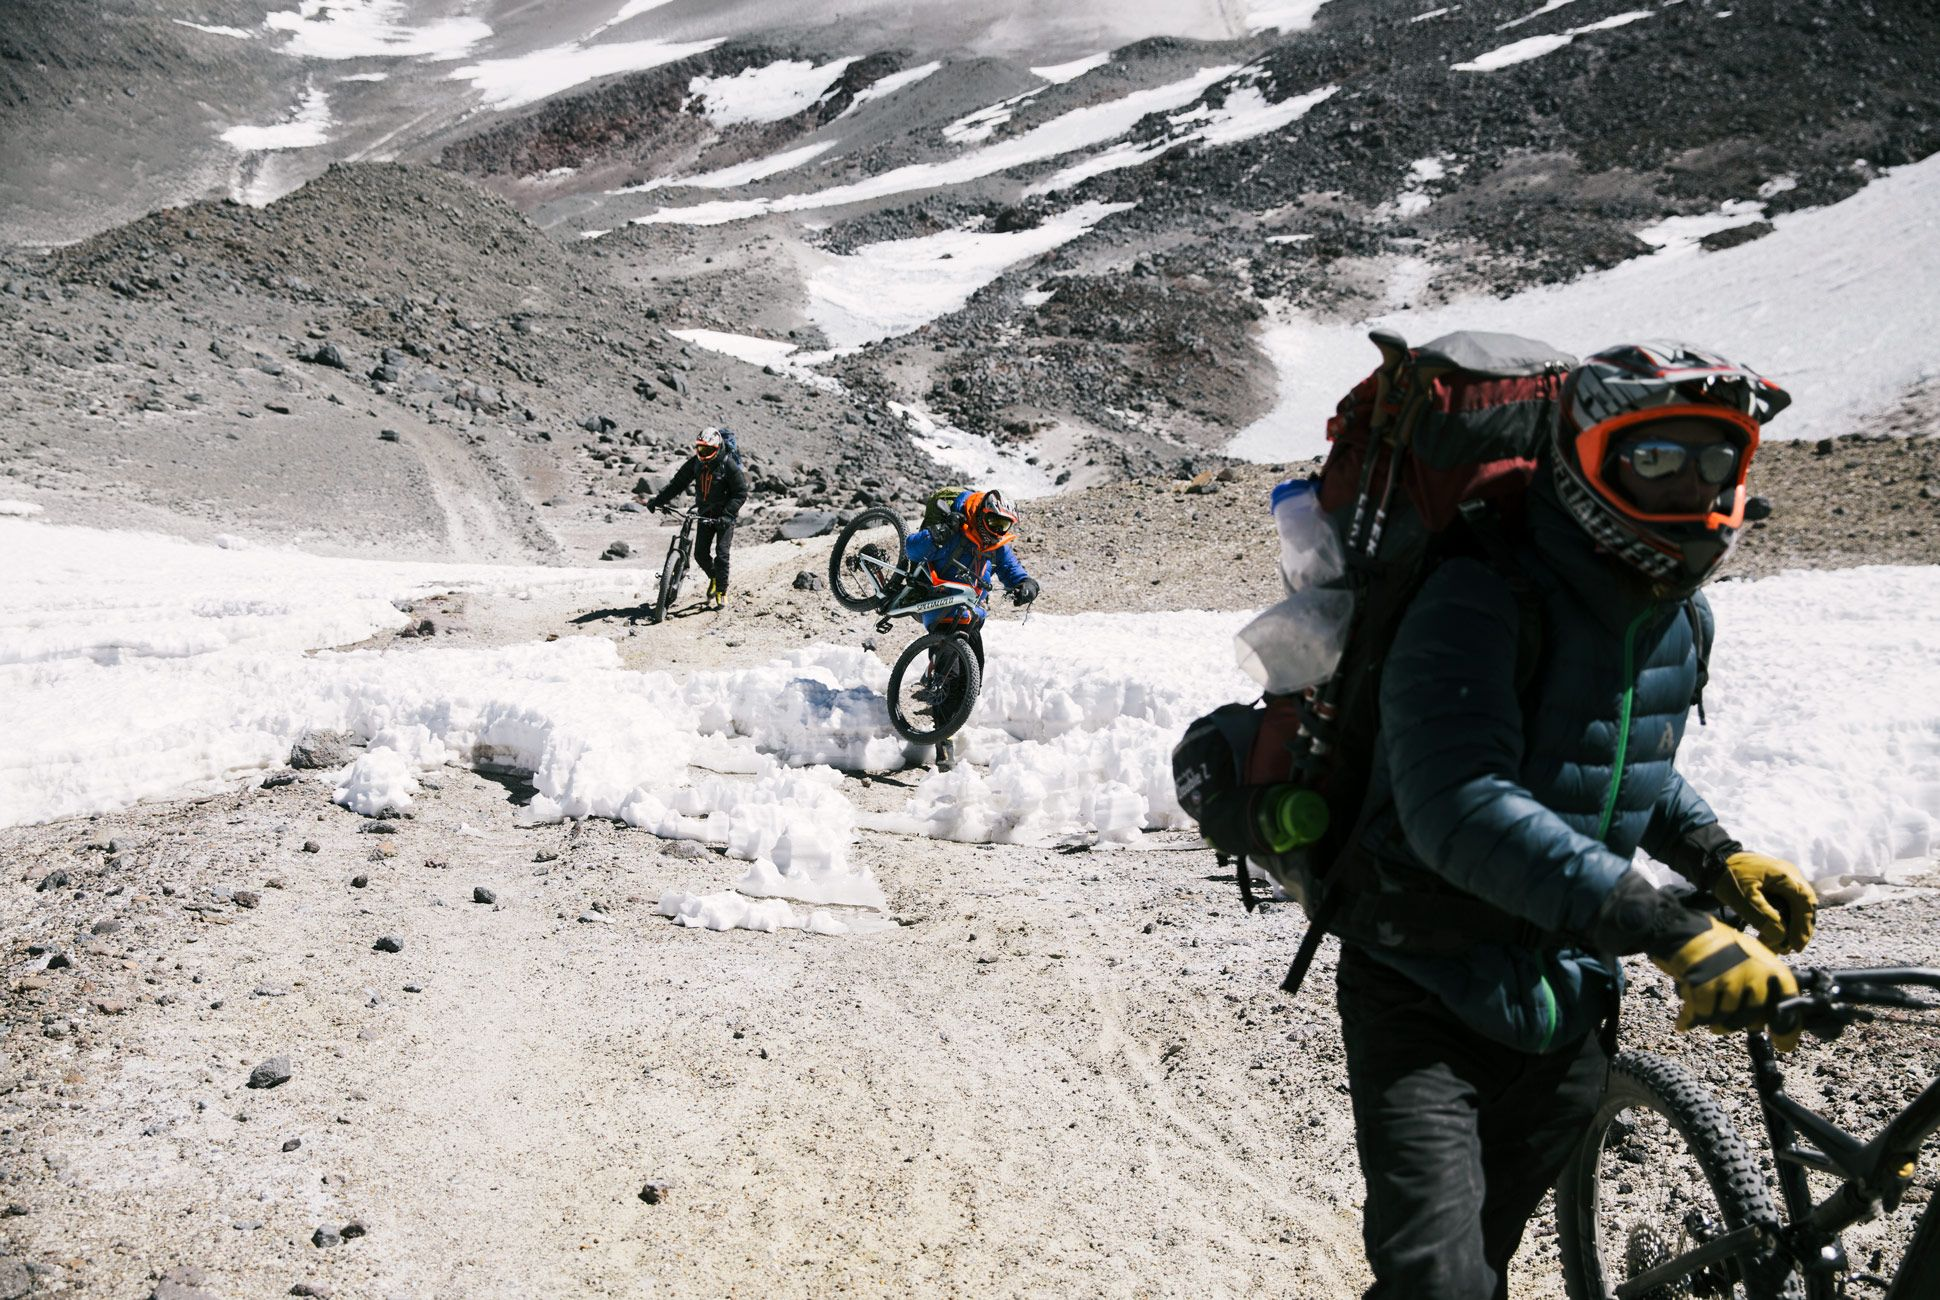 Volcano-Hike-Bike-Gear-Patrol-17